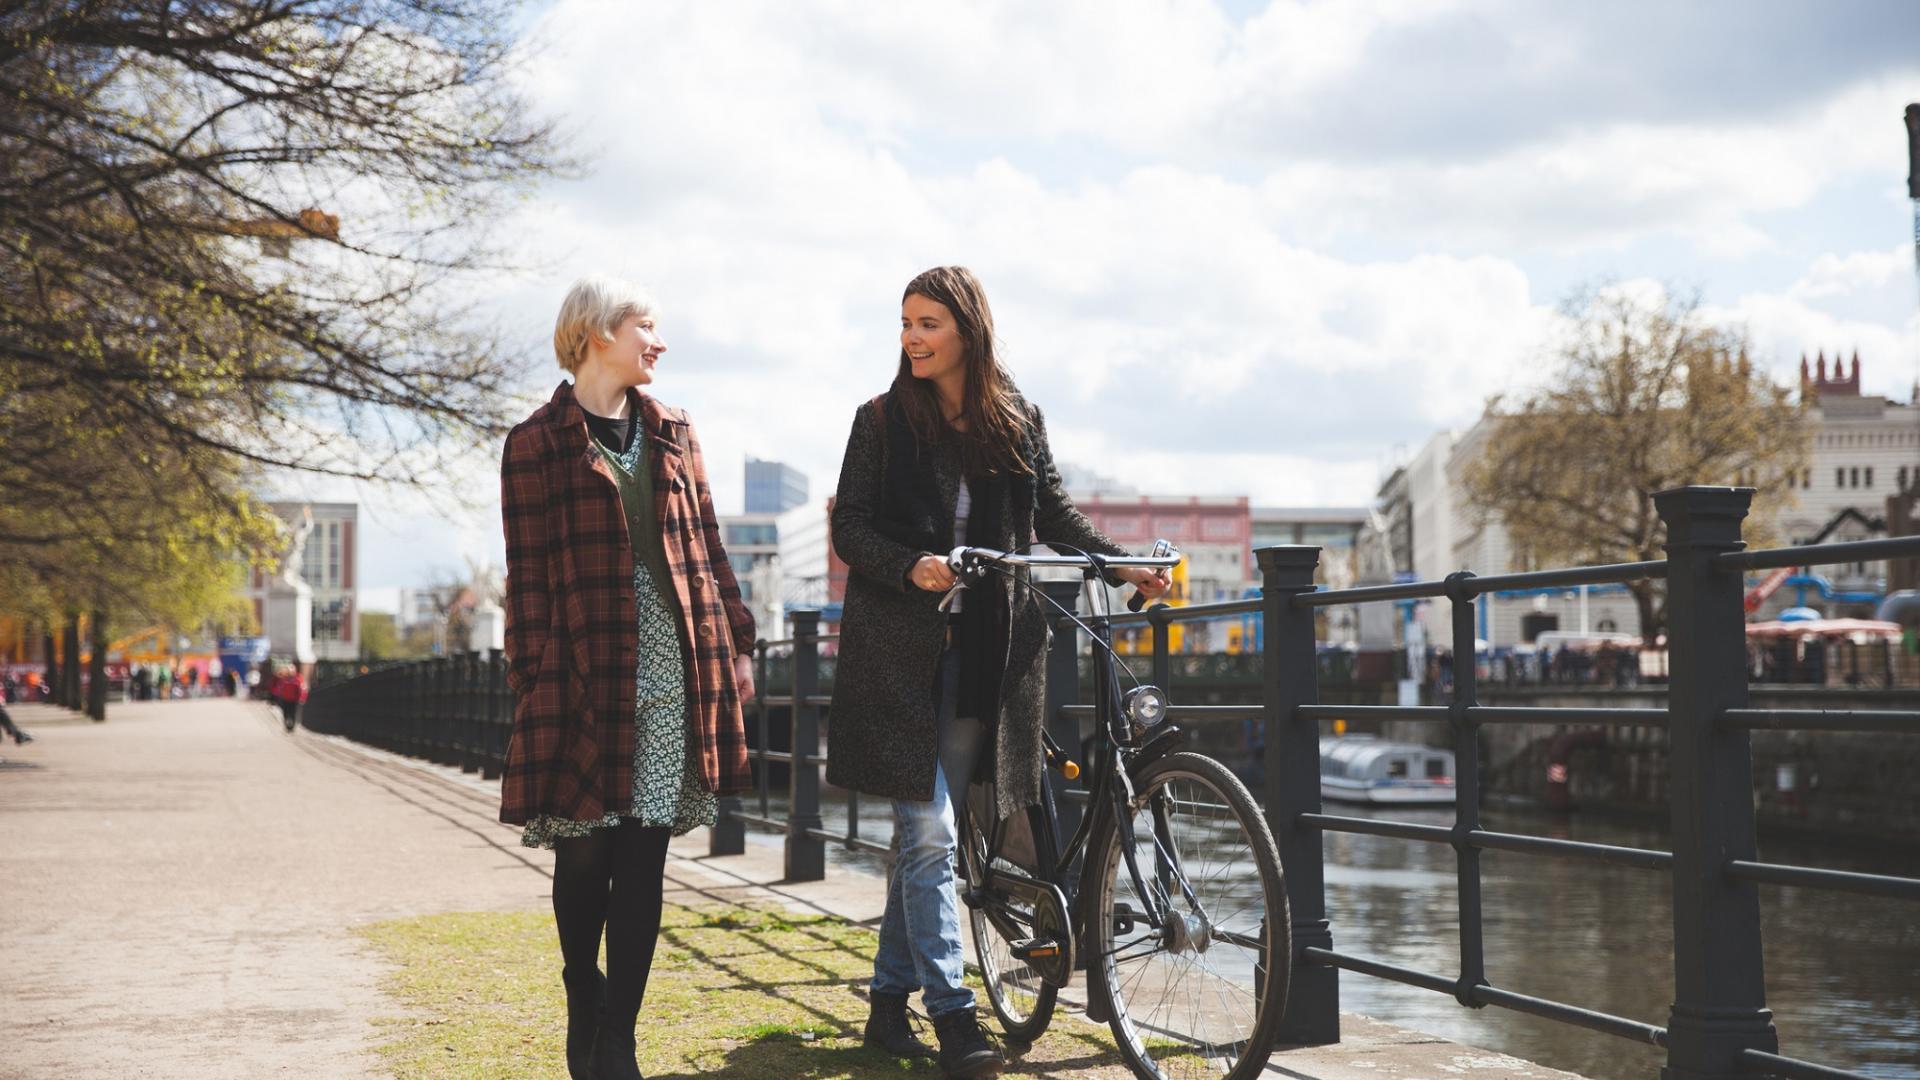 Frauen Fahrrad Spazieren